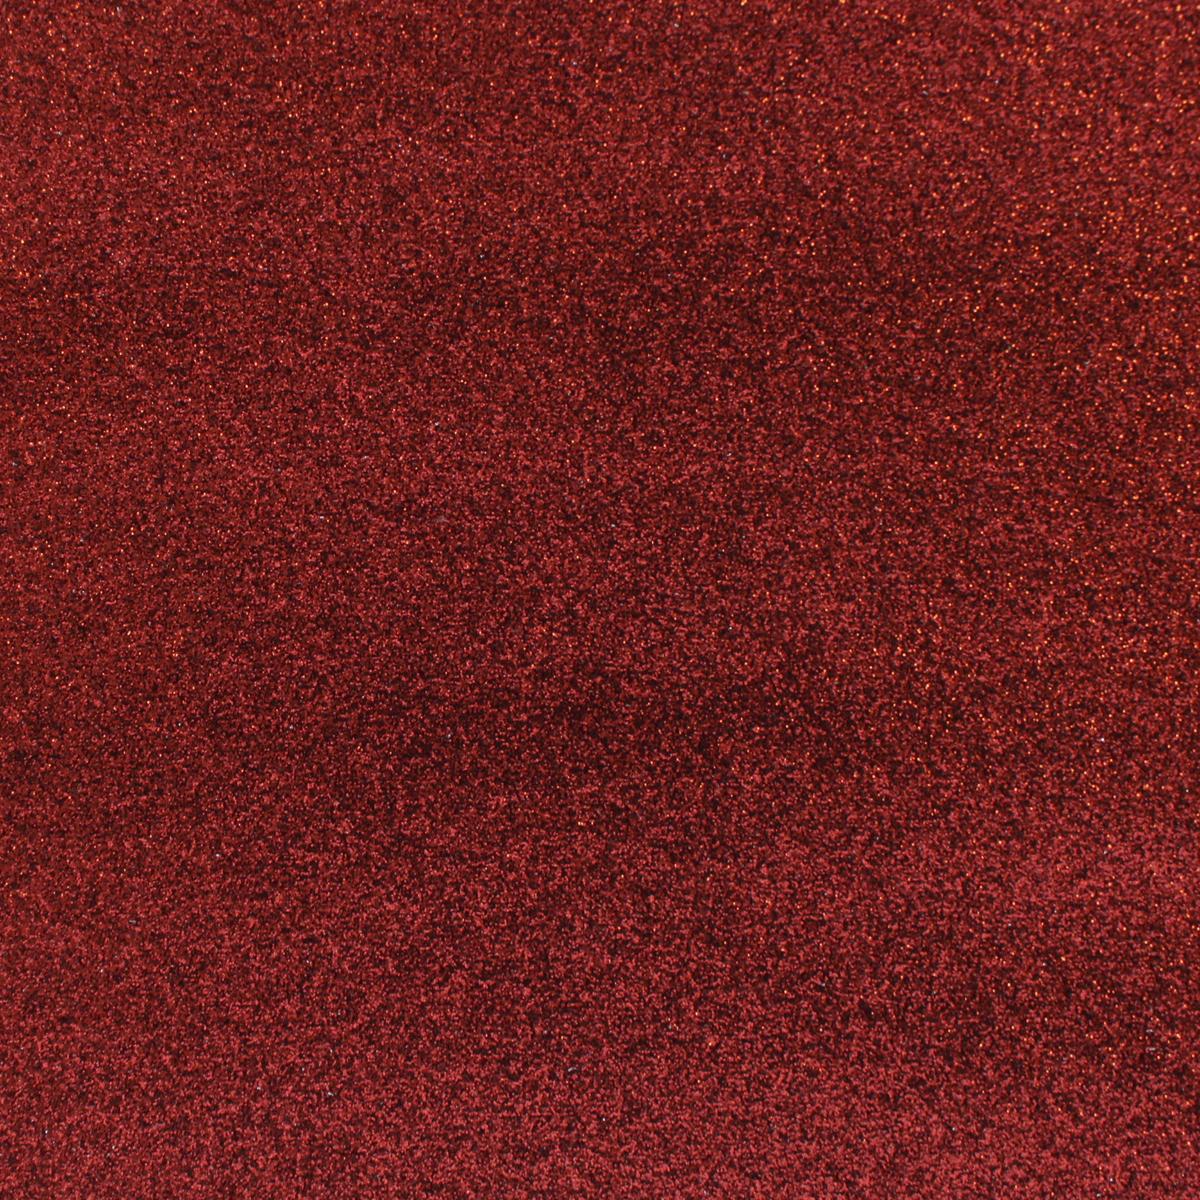 Ткань для рукоделия Ki Sign, с глиттером, цвет: красный, 70 х 45 см7716492_13 красныйТкань для рукоделия Ki Sign с глиттером (55% ПВХ, 45% полиэстер) предназначена для шитья текстильных кукол и игрушек, пэчворк-работ, для квилтинга и скрапбукинга. Такая ткань удобна в раскрое, не скользит, легко стирается и достаточно прочная.